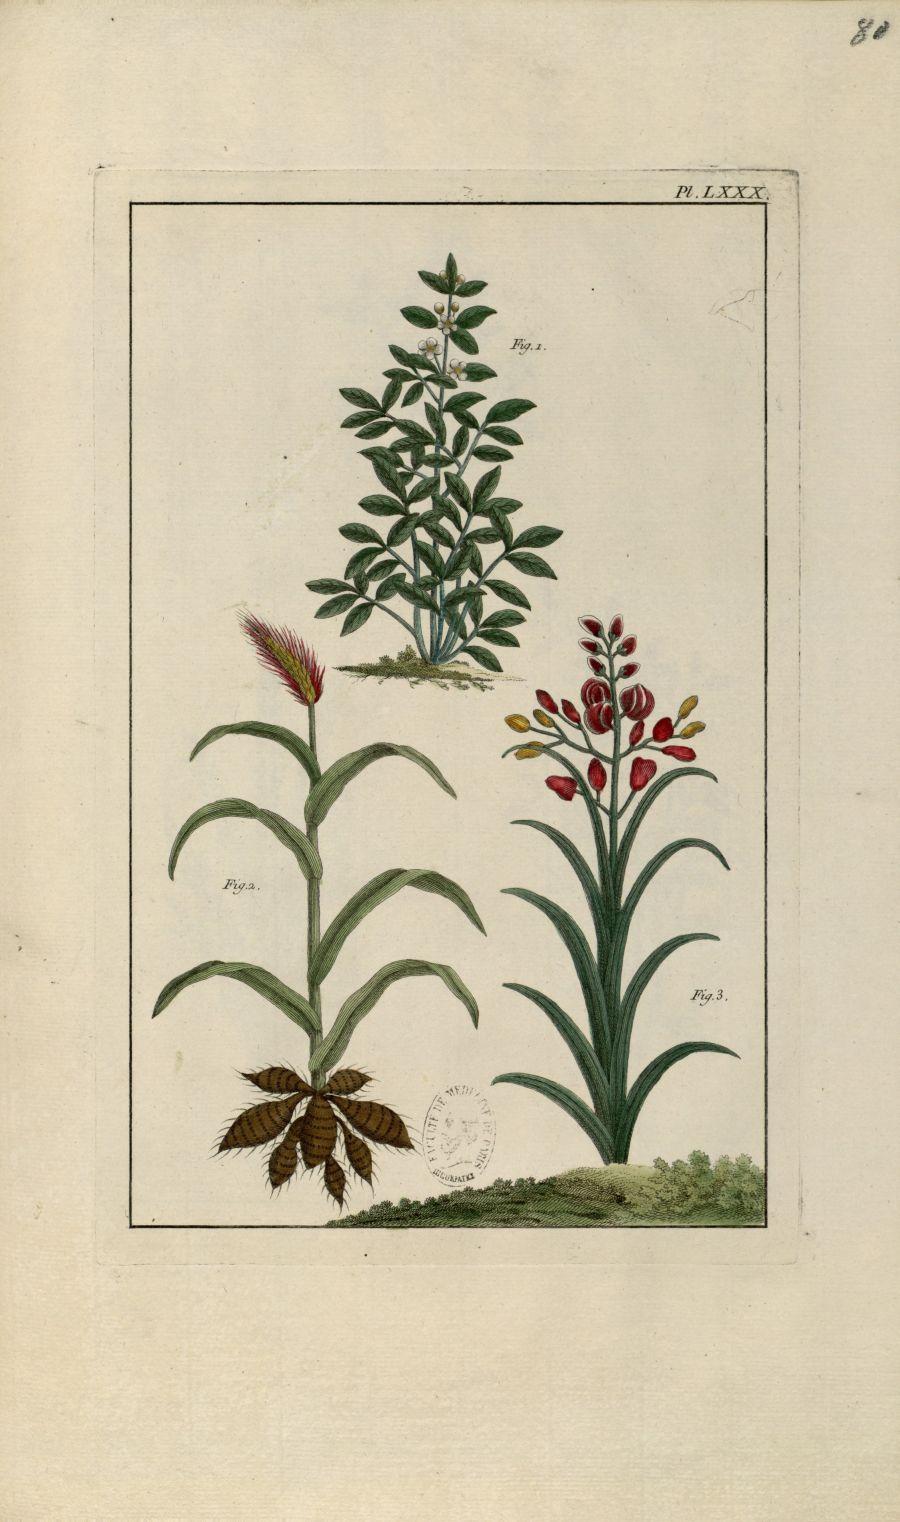 Planche LXXX - Herbier ou collection des plantes médicinales de la Chine d'après un manuscrit peint  [...] - Botanique. Plantes (médecine). Chine. 18e siècle - med01989x0083